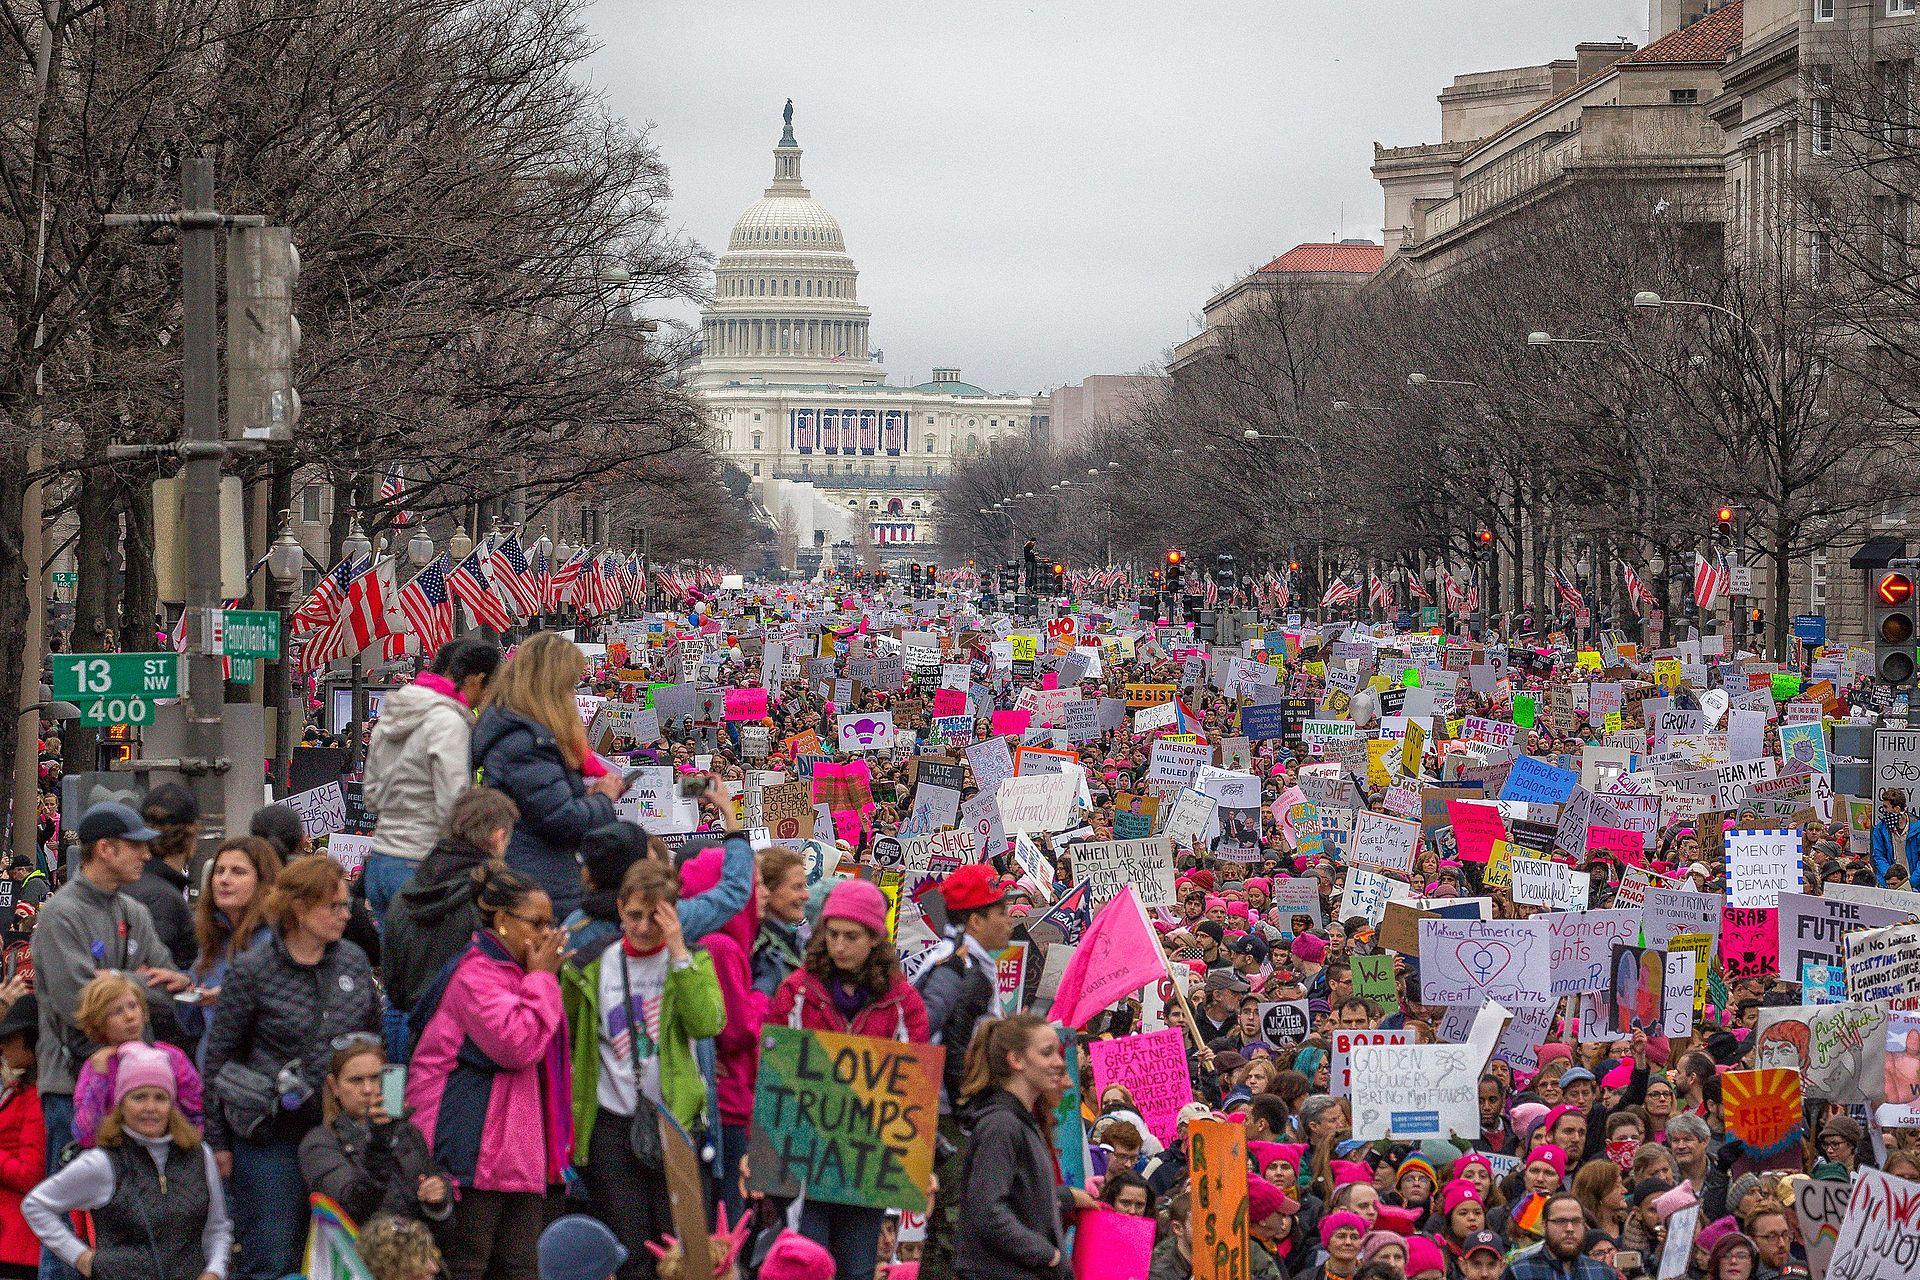 2017 års kvinnodemonstration i Washington DC